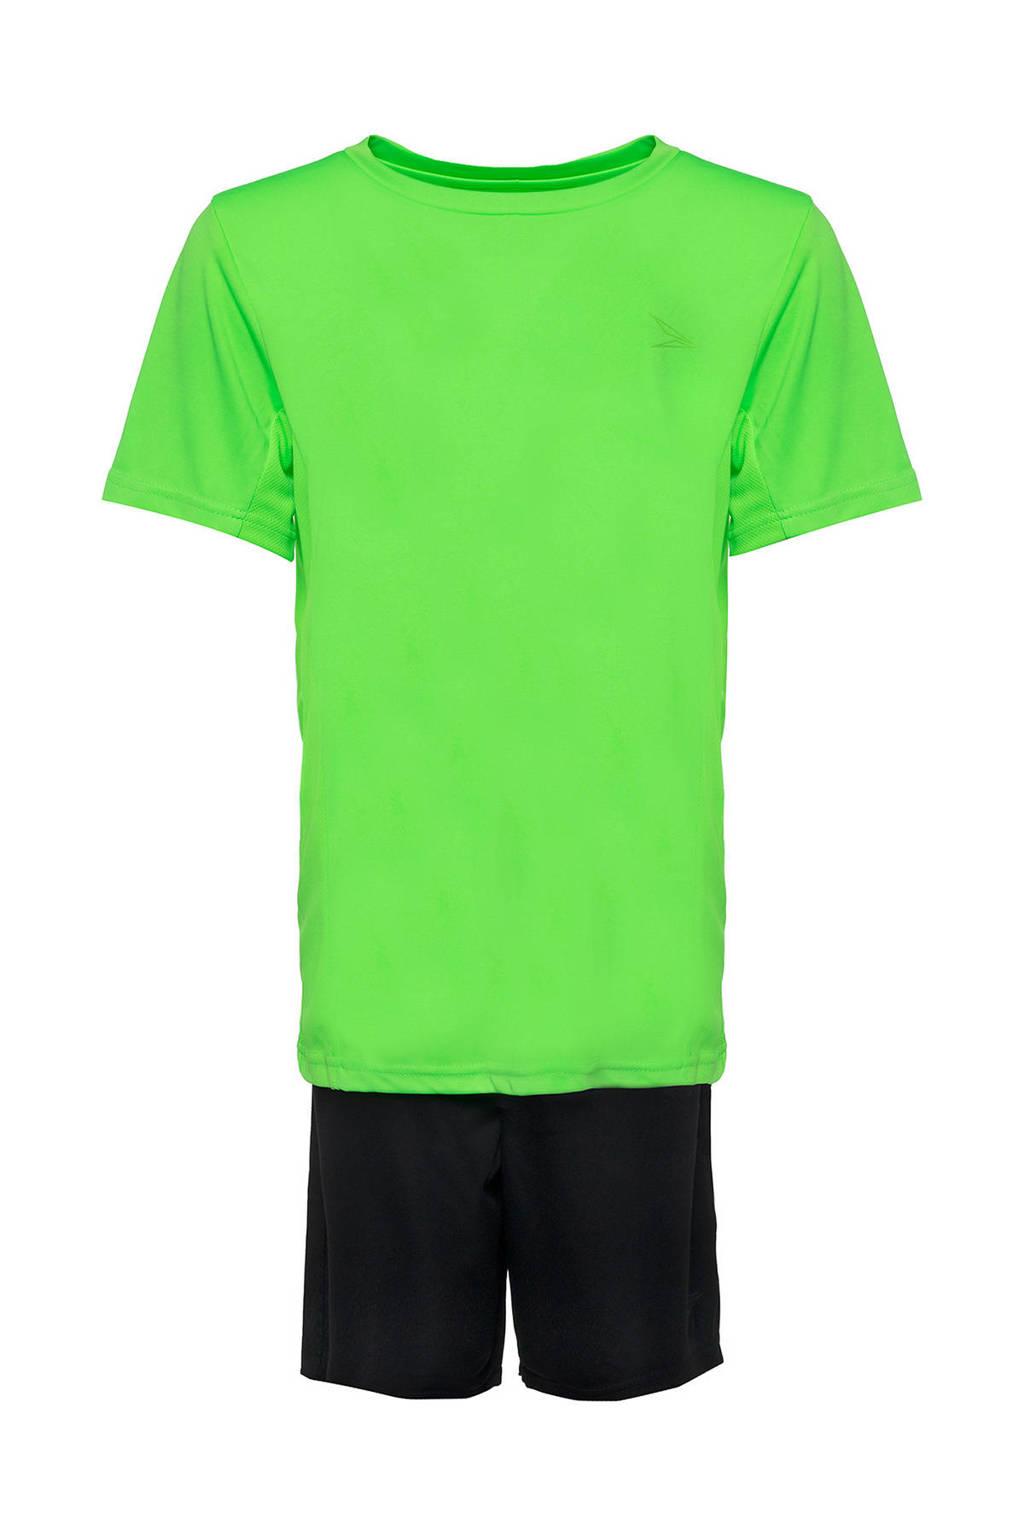 Scapino Dutchy   sportset groen/zwart, Groen/zwart